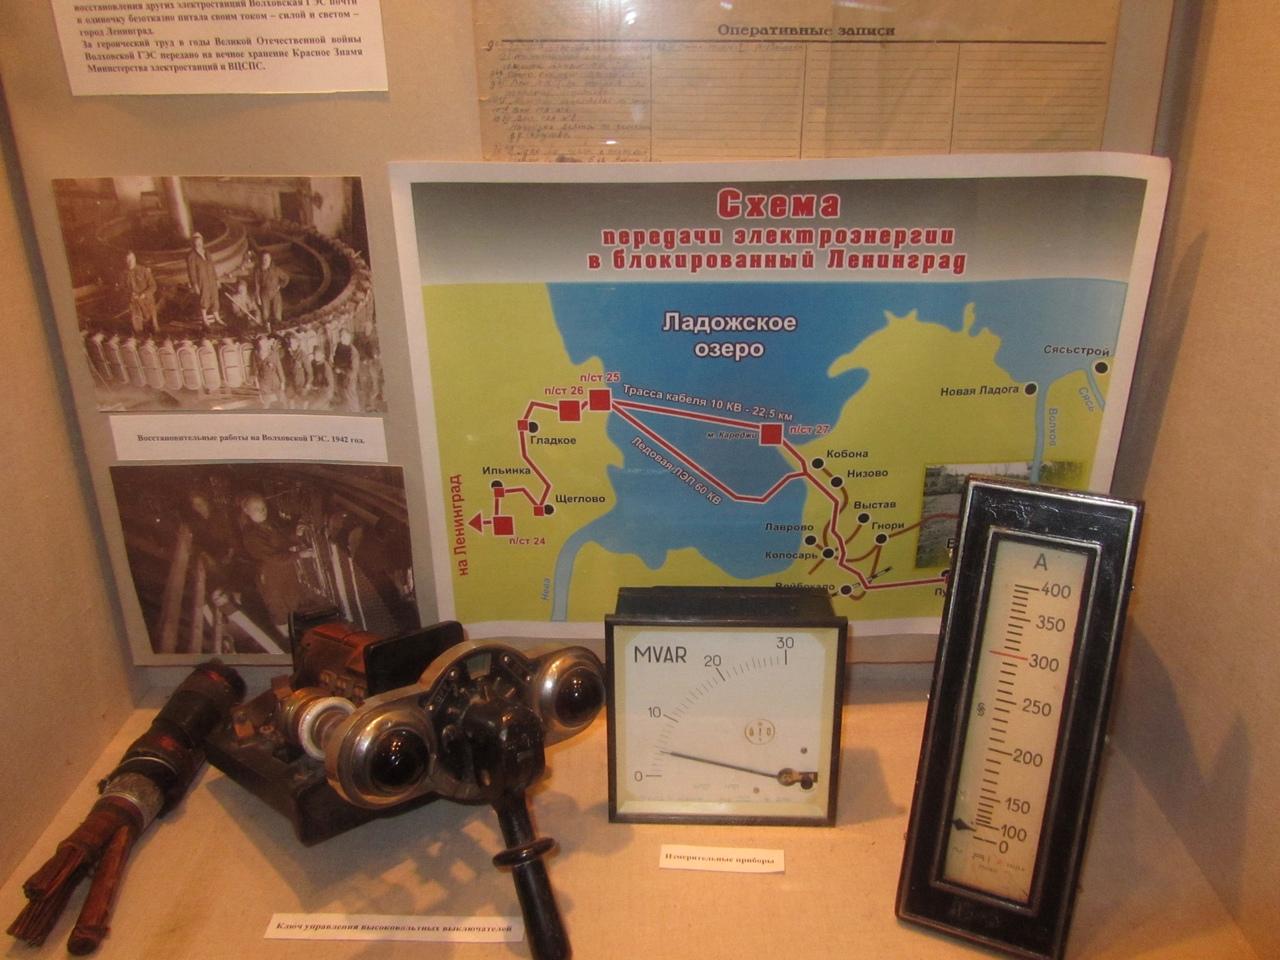 Прорыв энергетической блокады Ленинграда